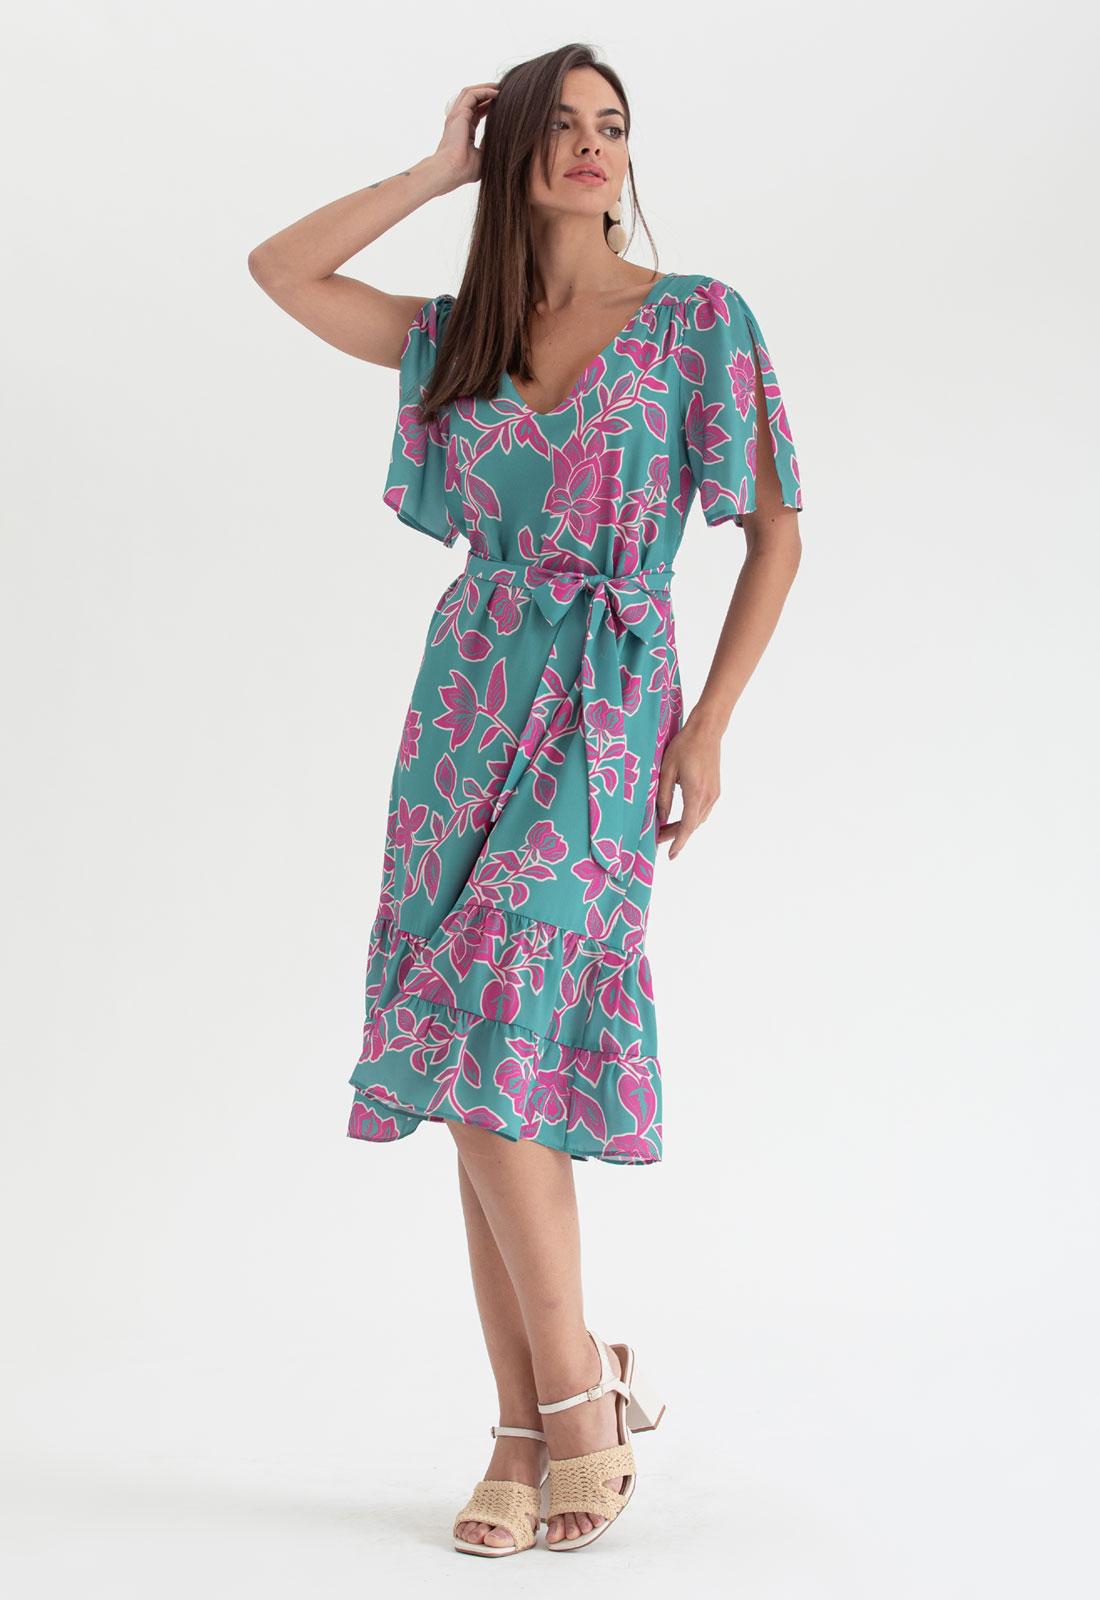 Vestido estampado trapezio ciano pink ref. 2701